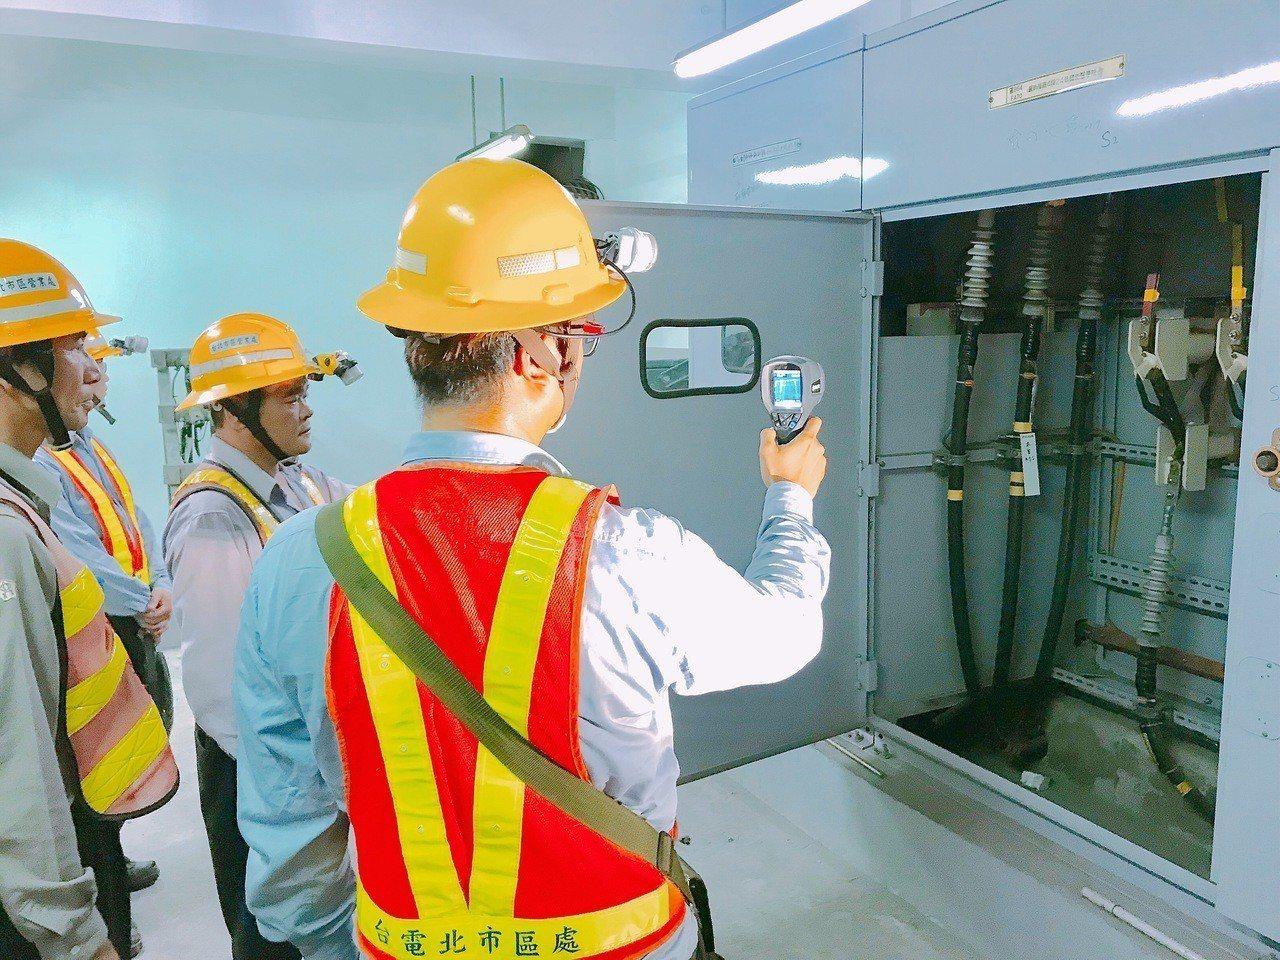 台電今日正式啟動「配電系統強韌計畫」因應近期關注區域停電,將透過更新線路設備、引...